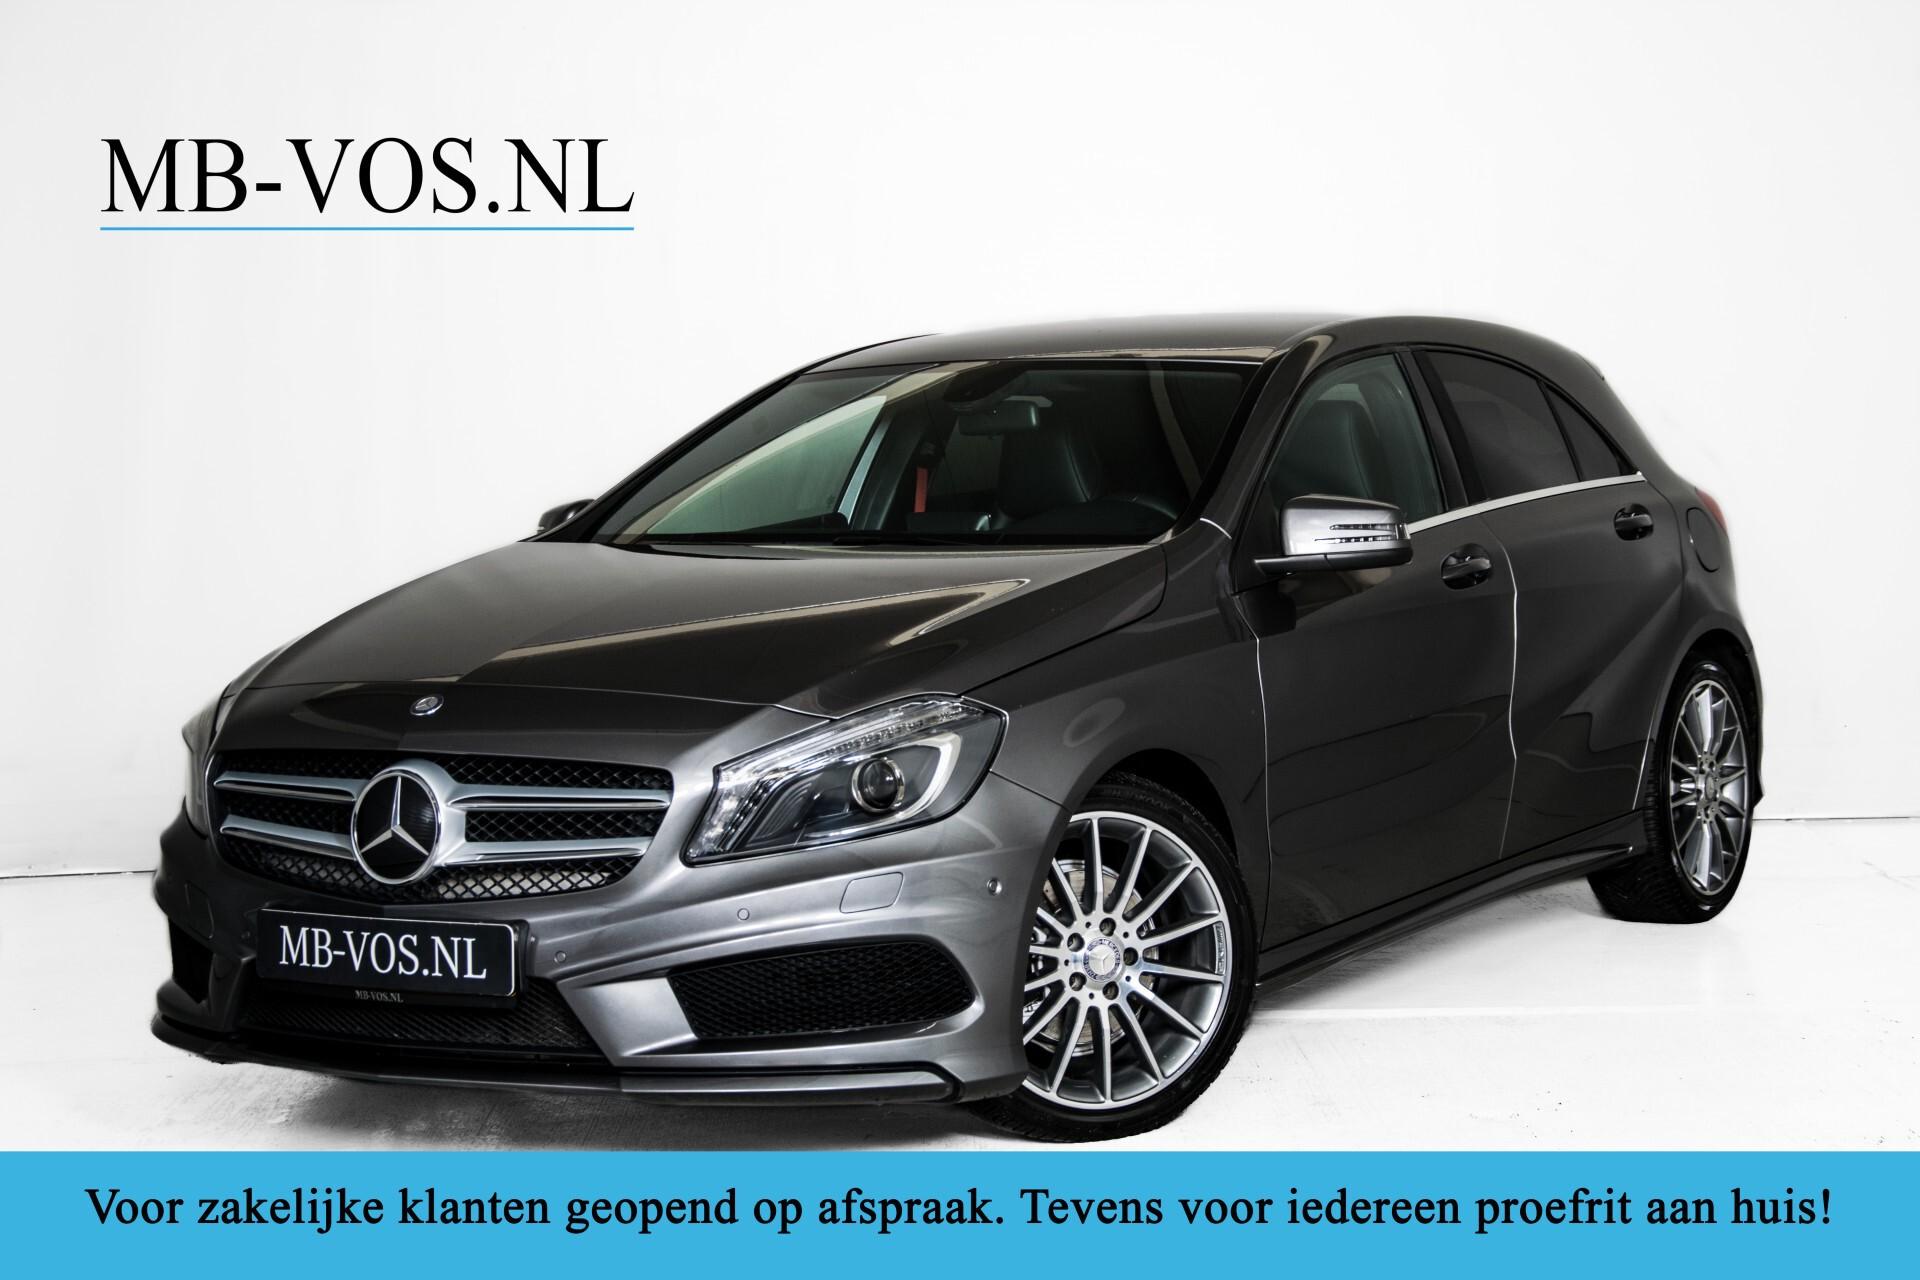 Mercedes-Benz A-Klasse 180 AMG Dynamic Handling/Camera/Xenon/Navi/Privacy Aut7 Foto 1